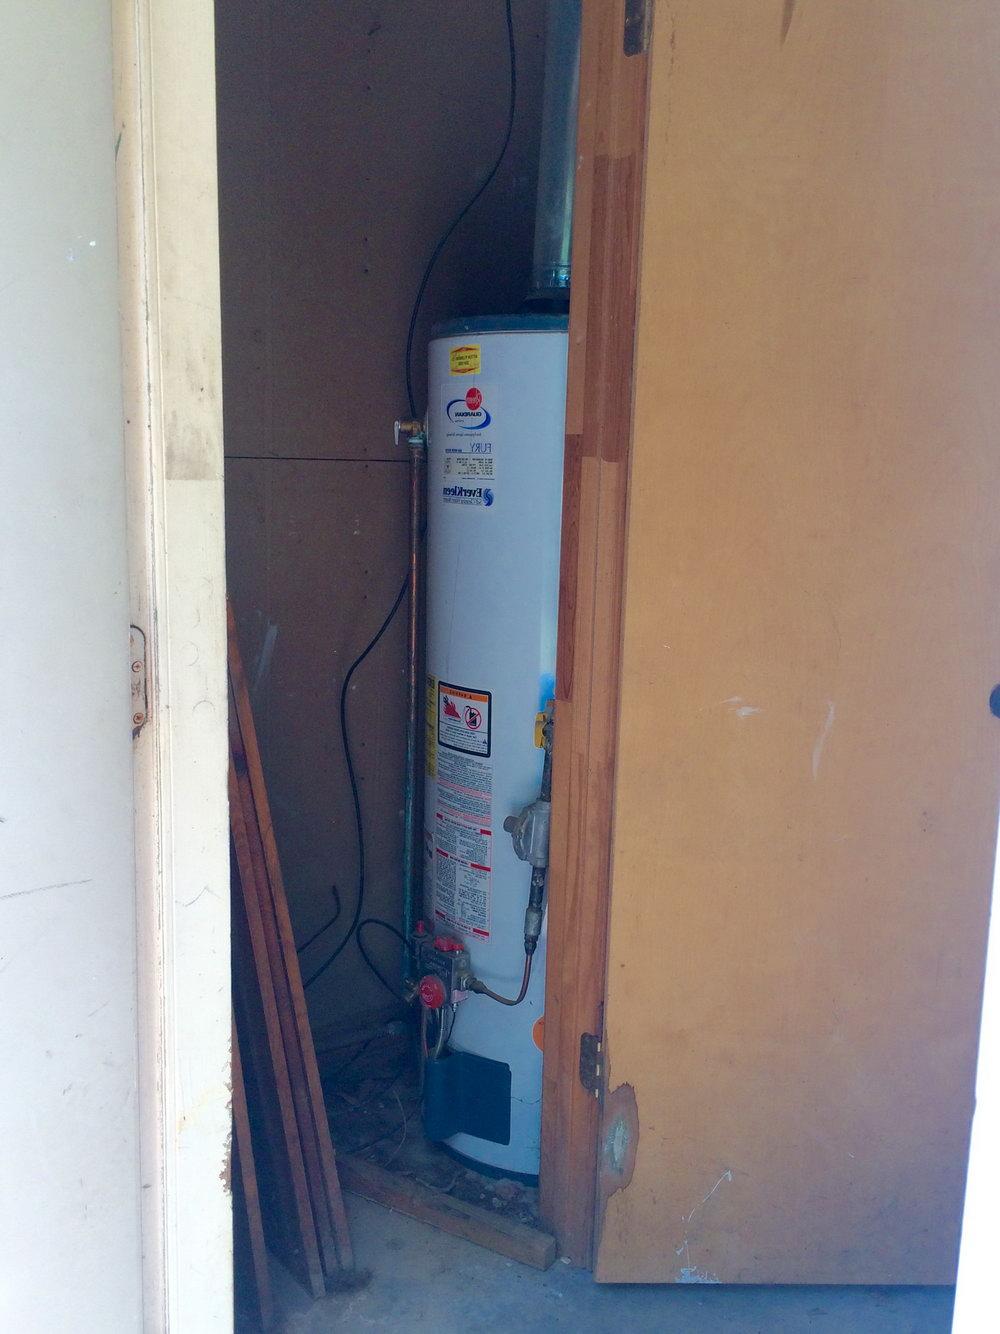 Water Heater Closet Door Requirements